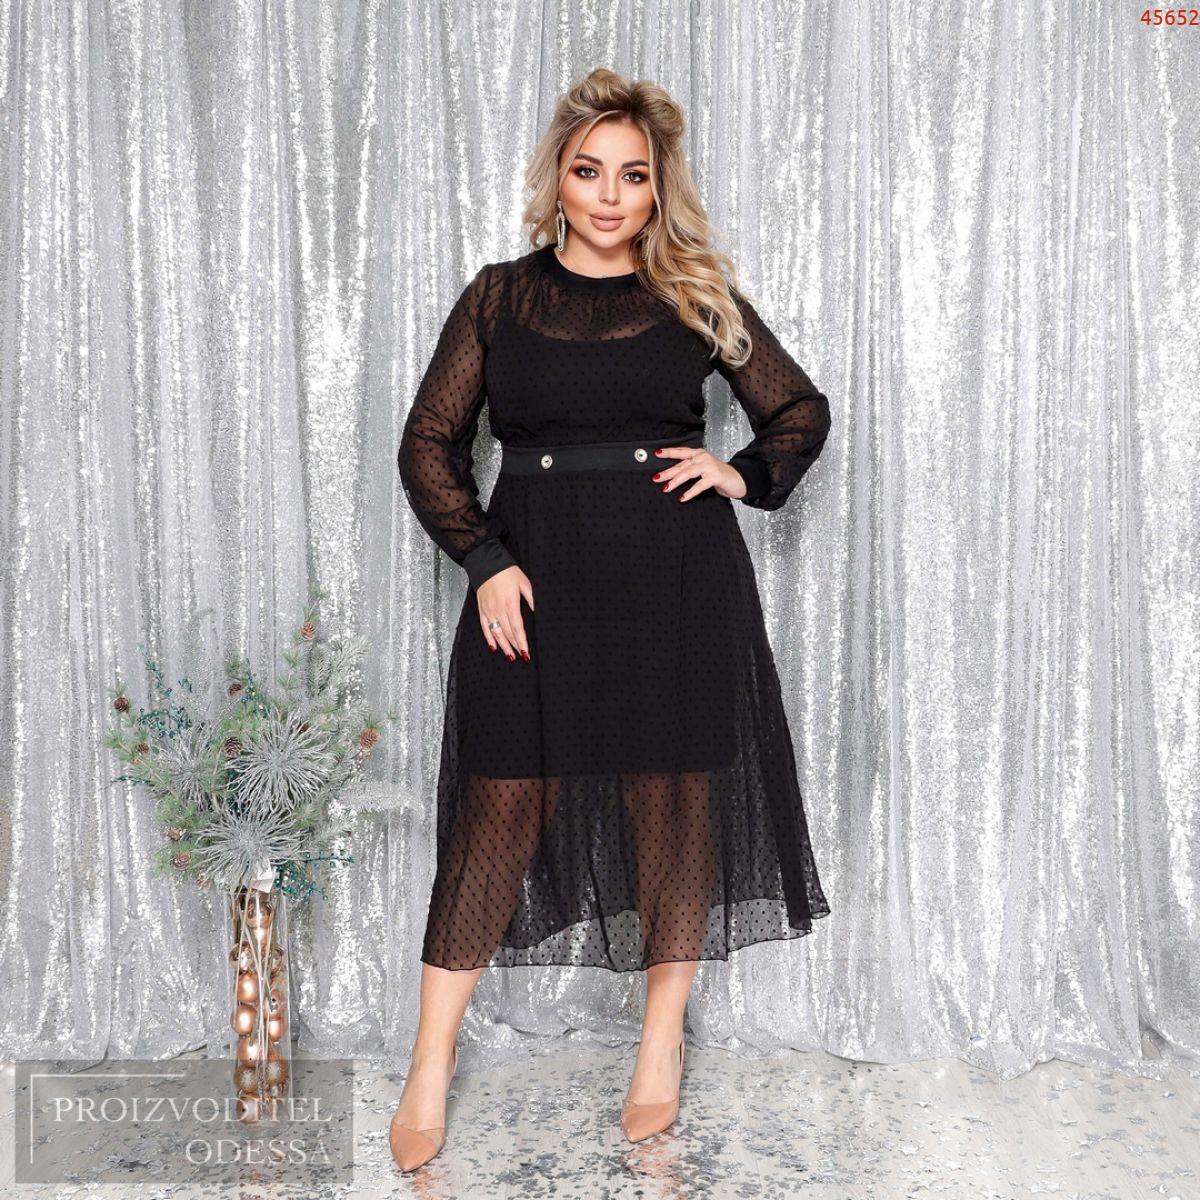 Платье №45652